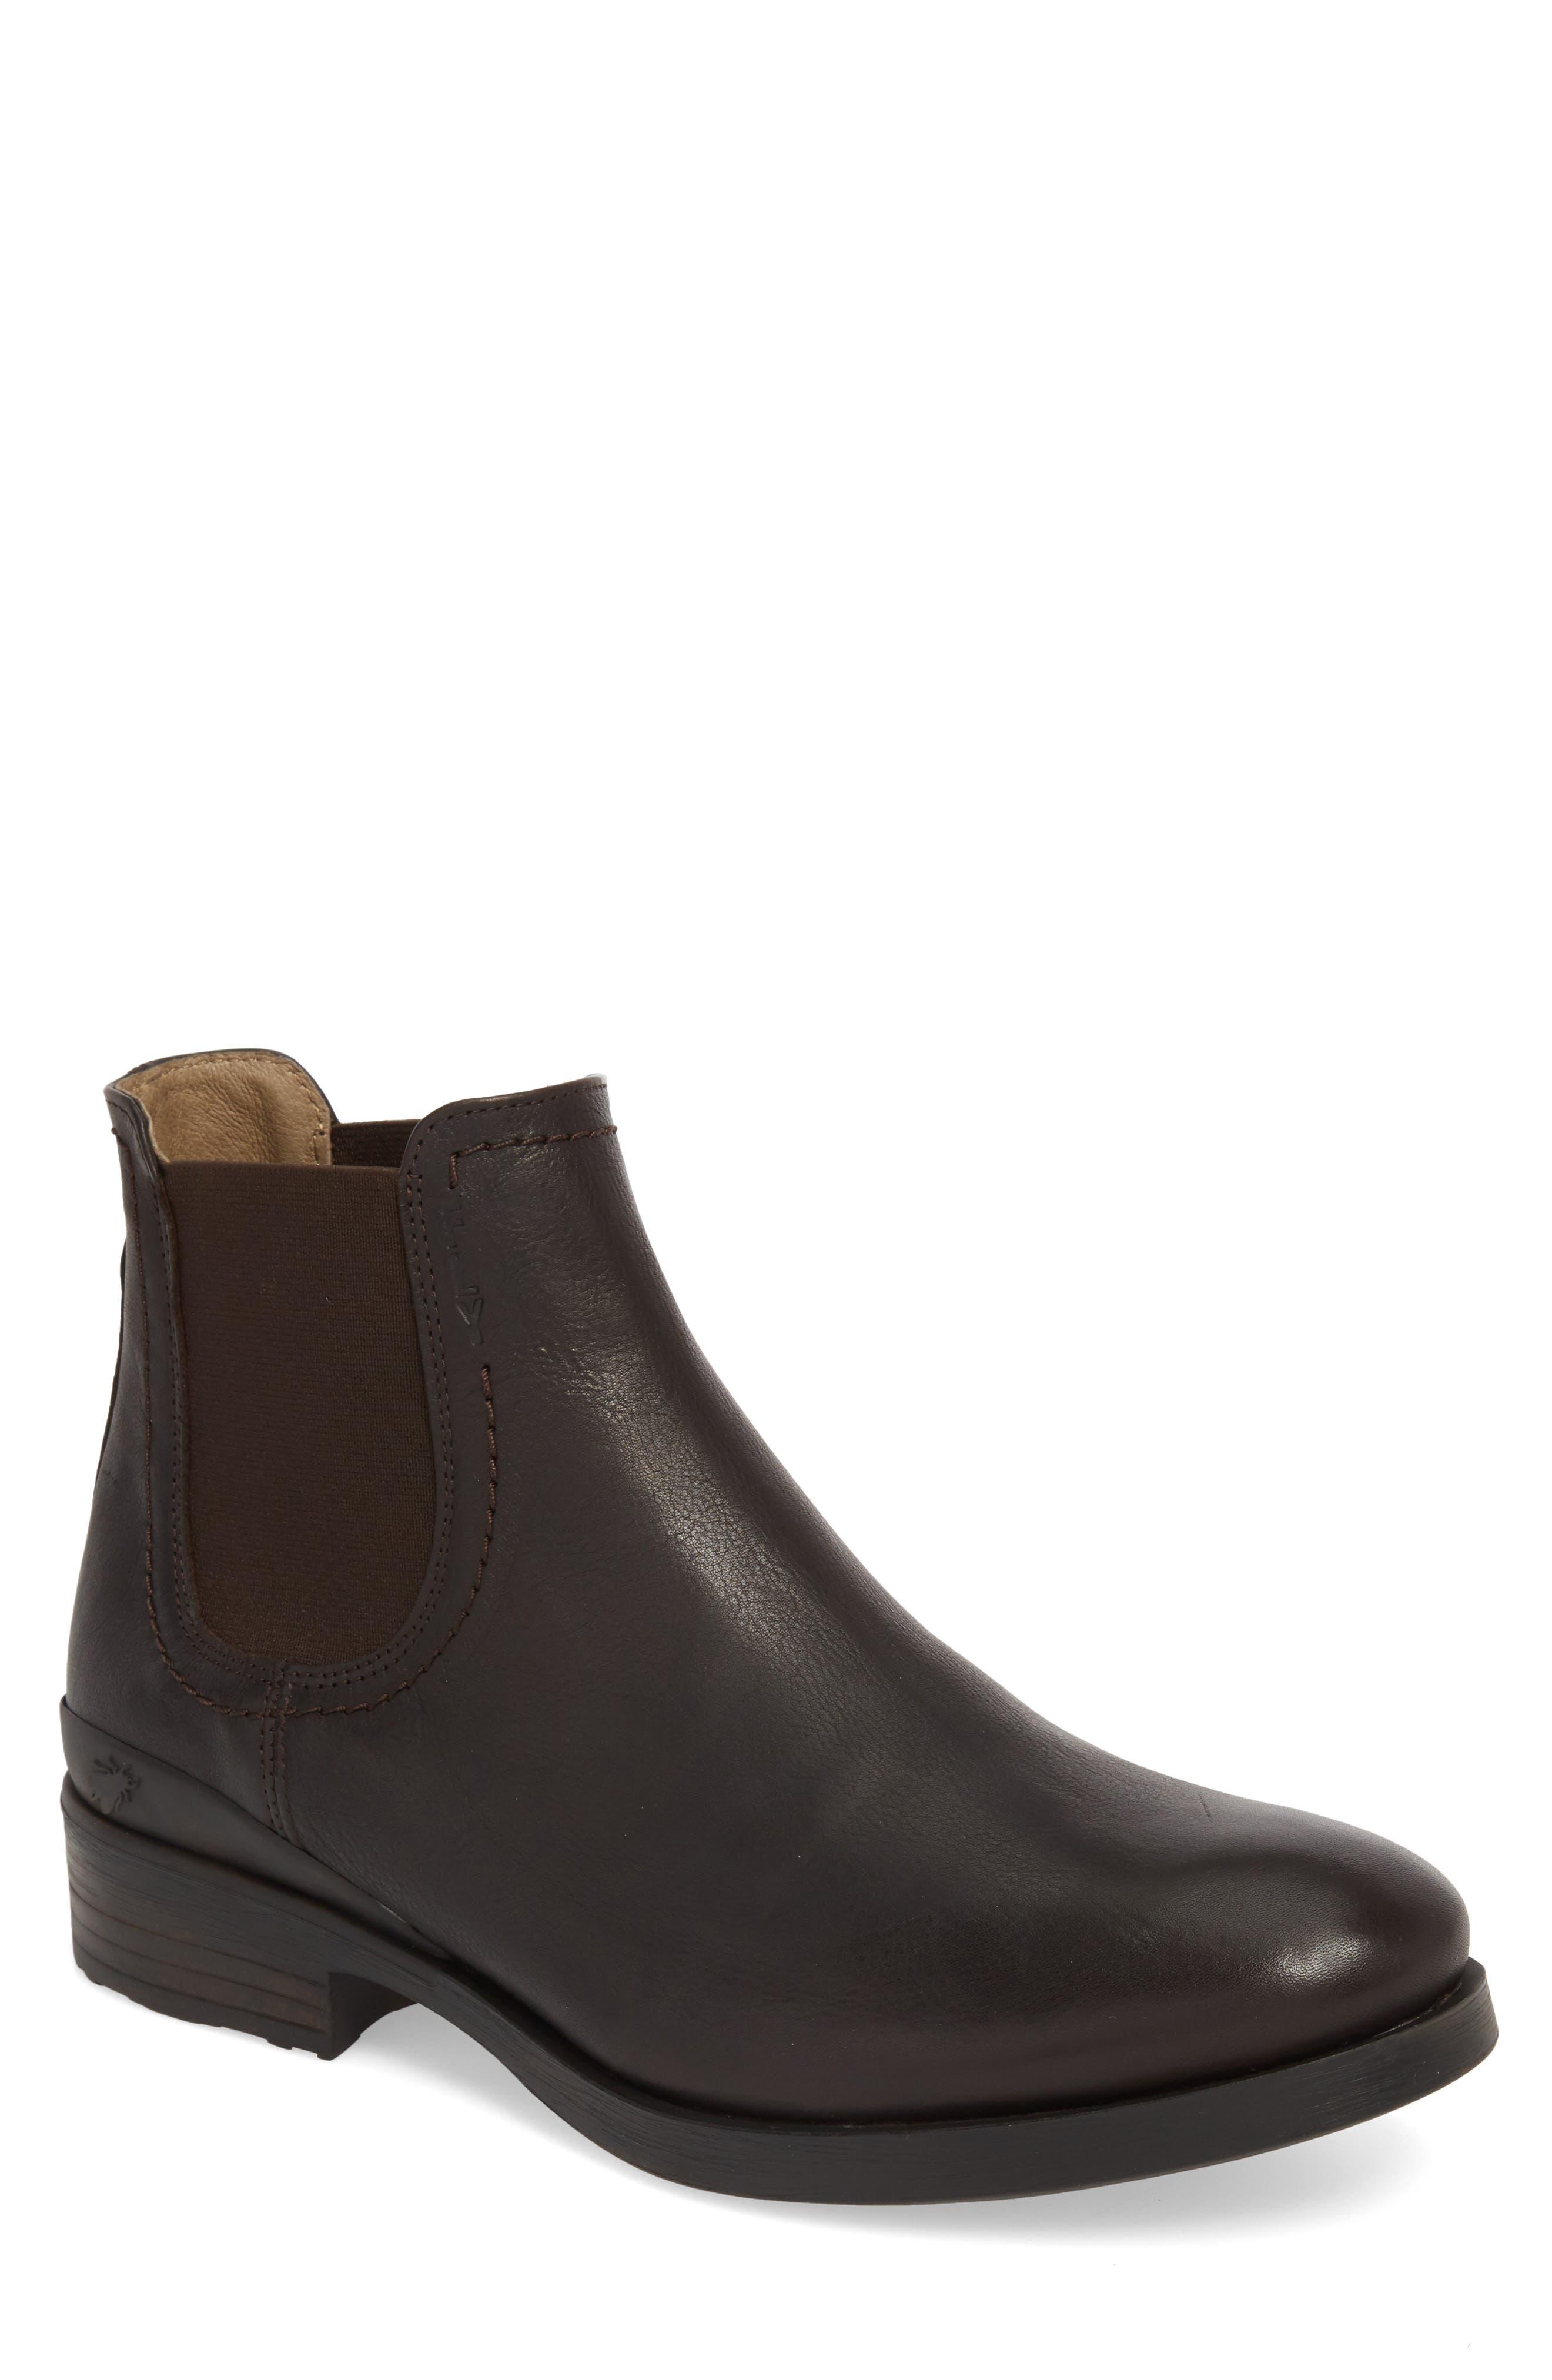 Fly London Meko Chelsea Boot, Brown